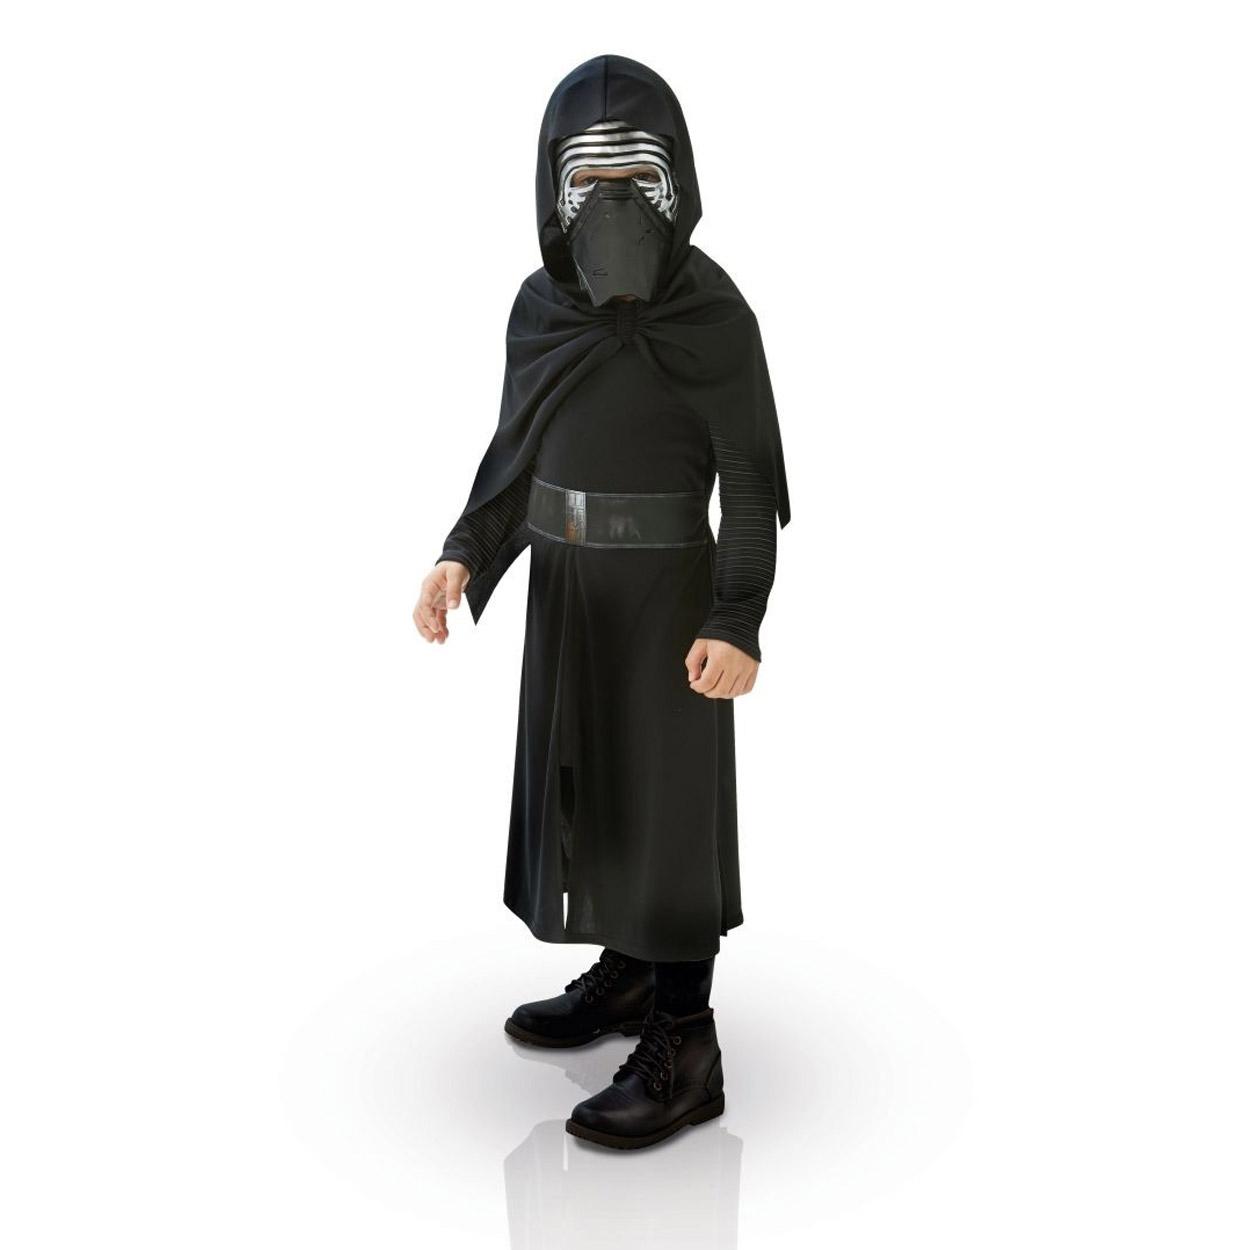 Déguisement Star Wars : Classique Kylo Ren : 5/6 ans